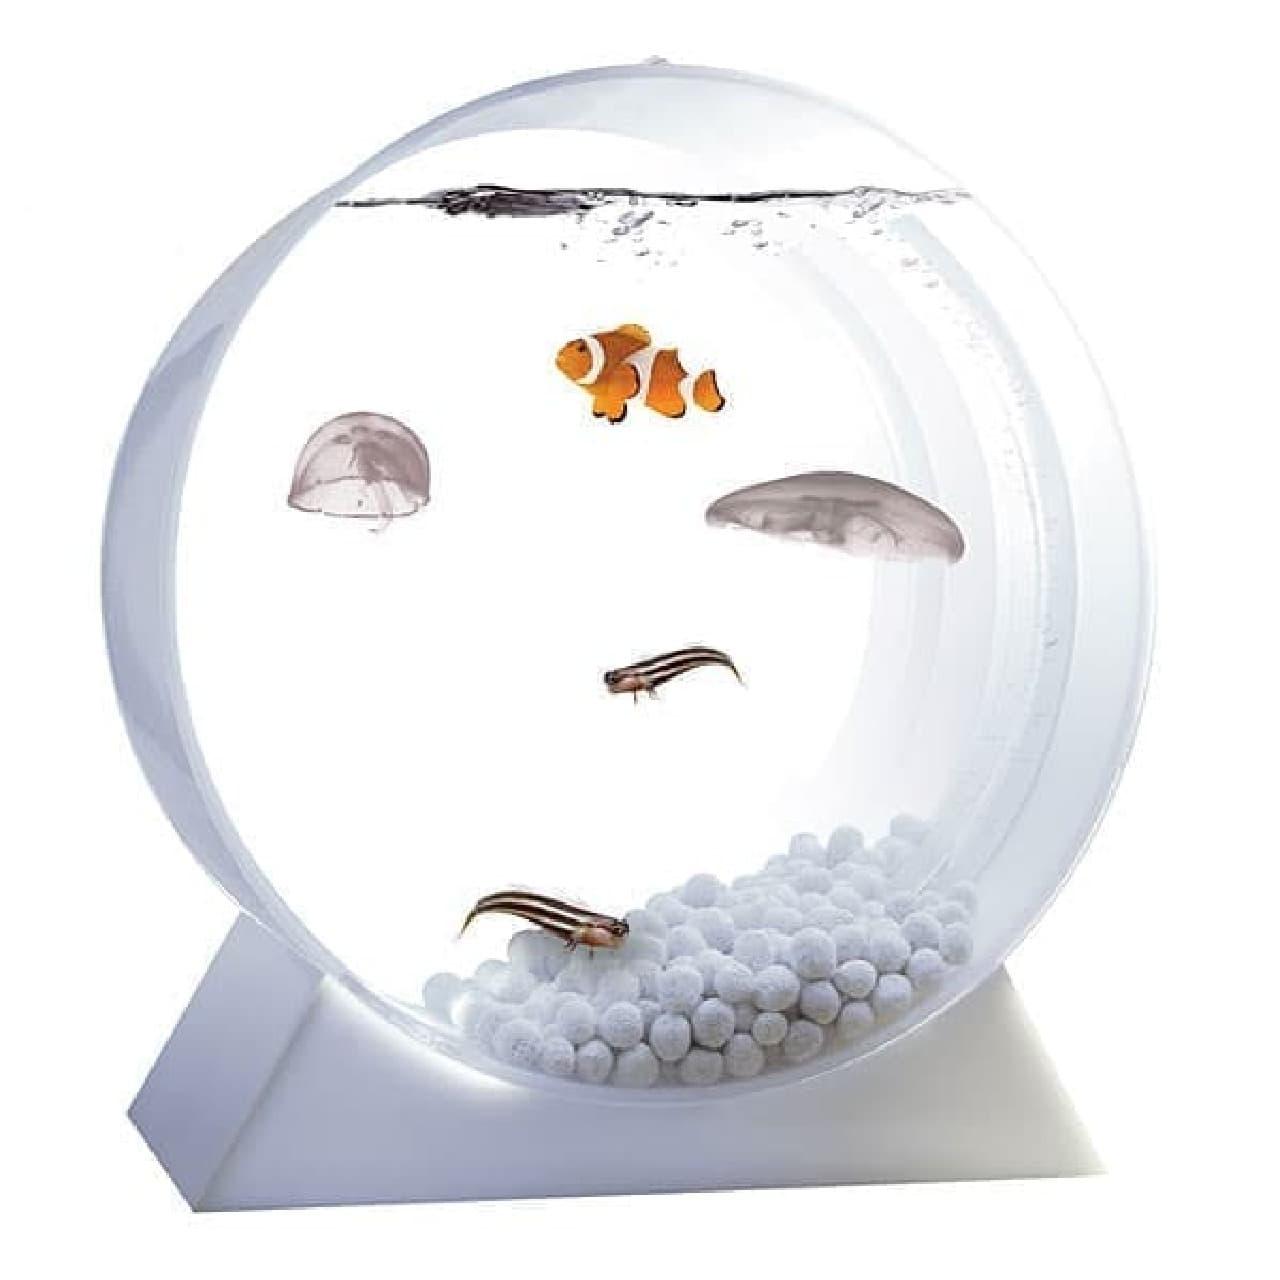 クラゲの他、熱帯魚も飼えるそうです